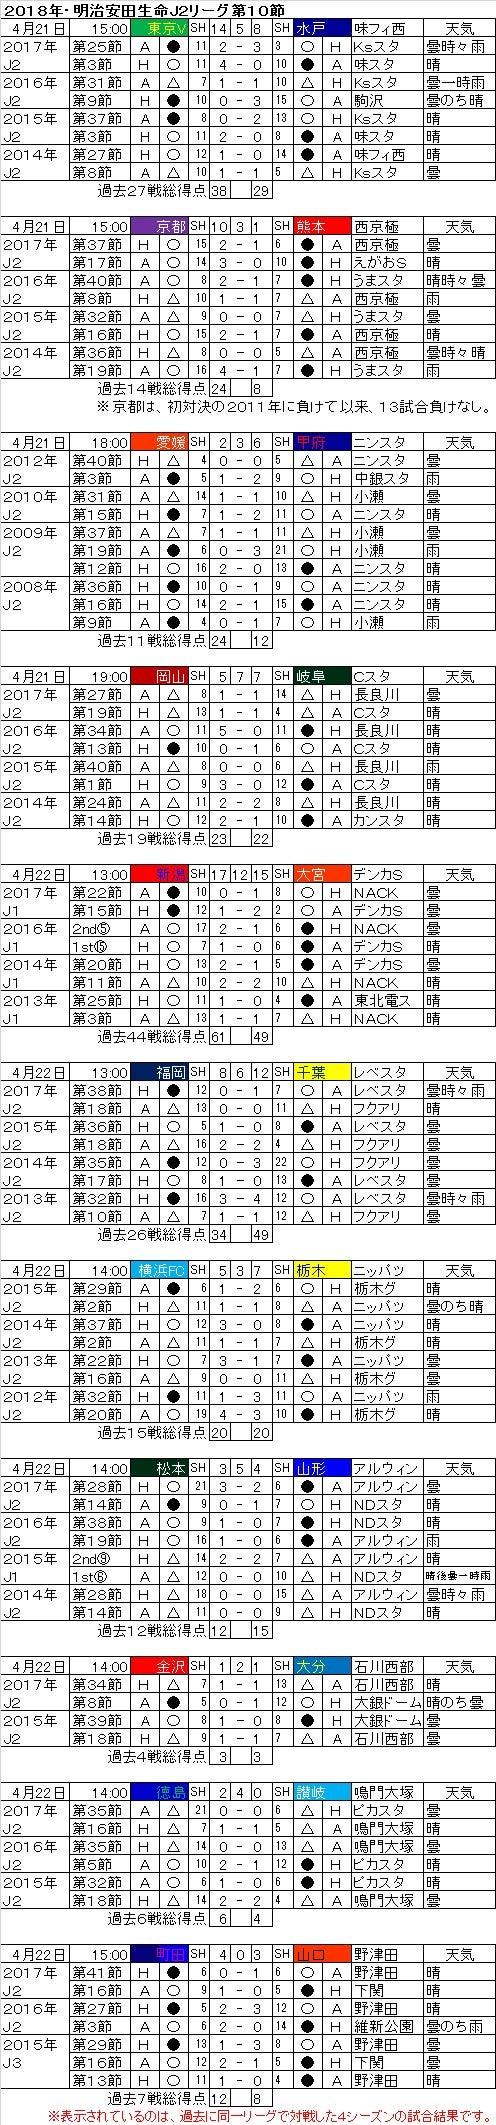 天気 10 日間 徳島 徳島県の2週間天気